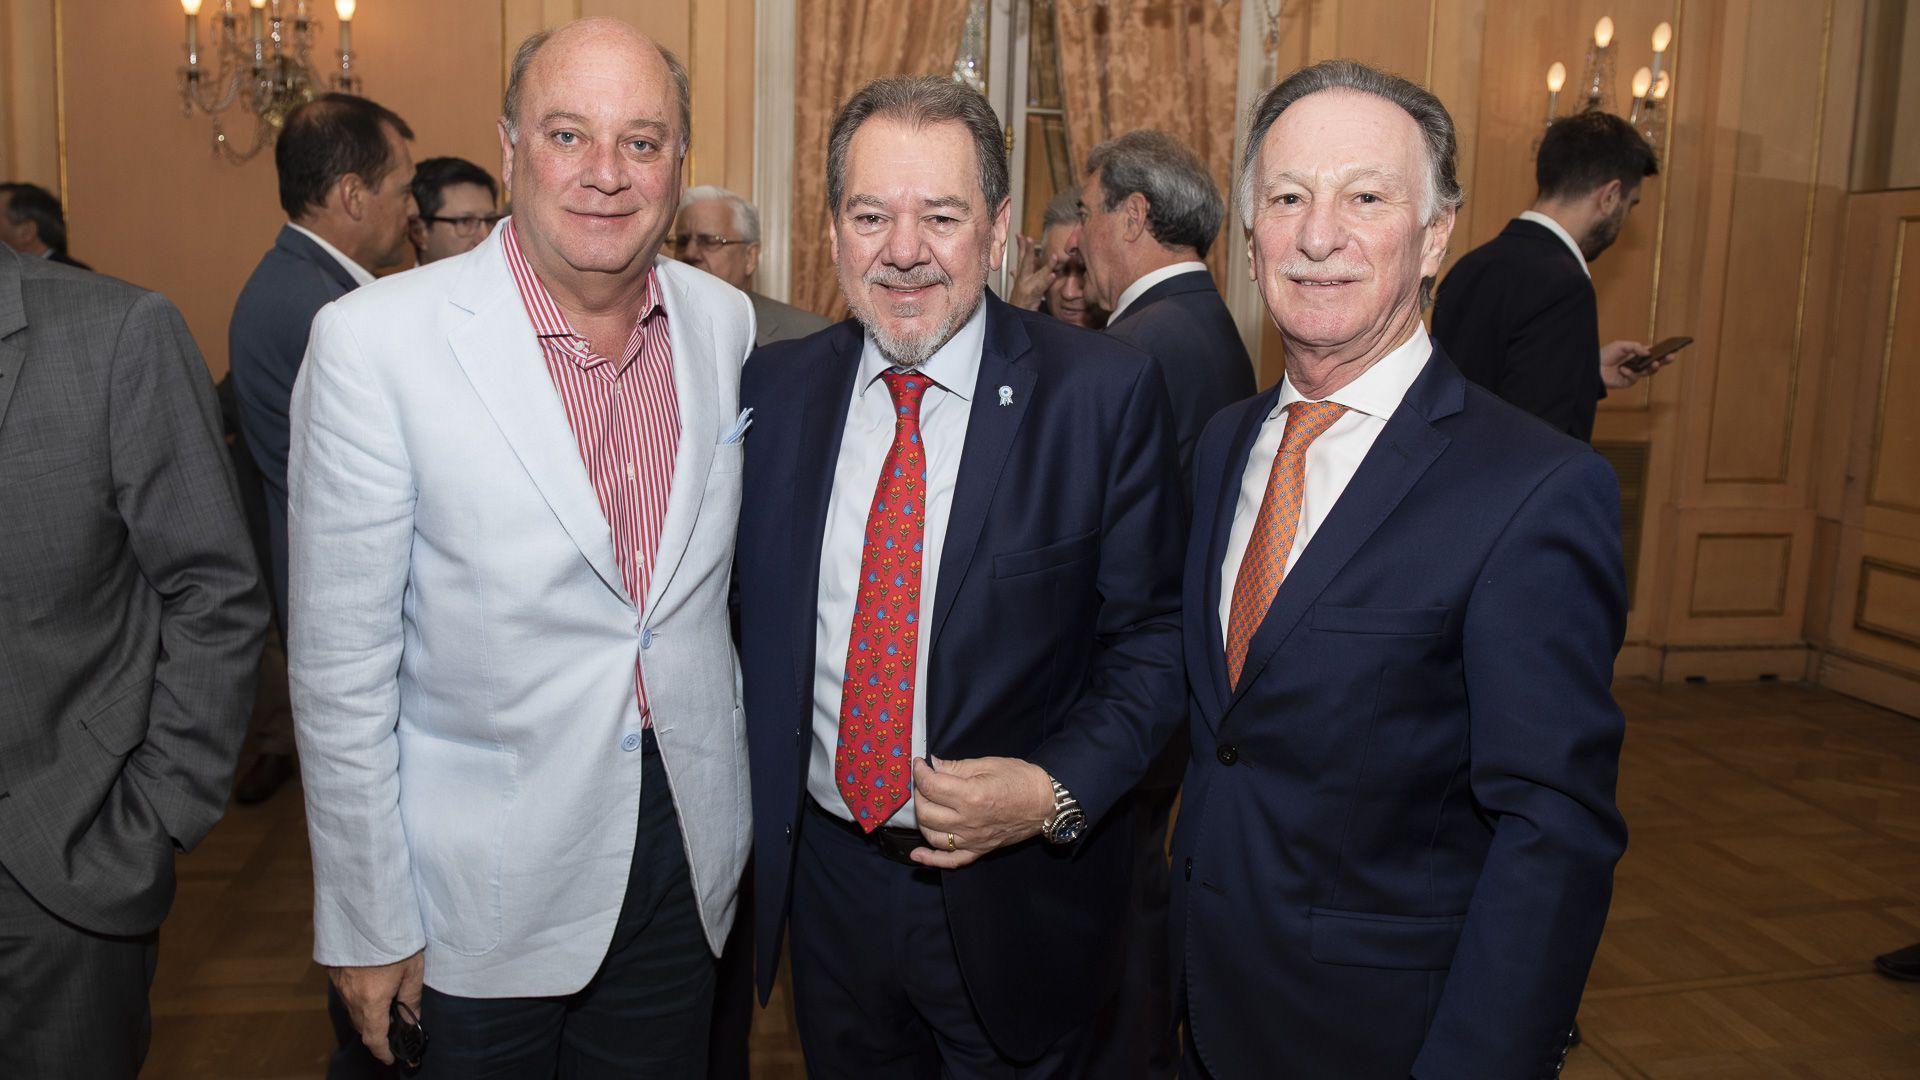 Martín Cabrales, Mario Montoto y Gustavo Weiss